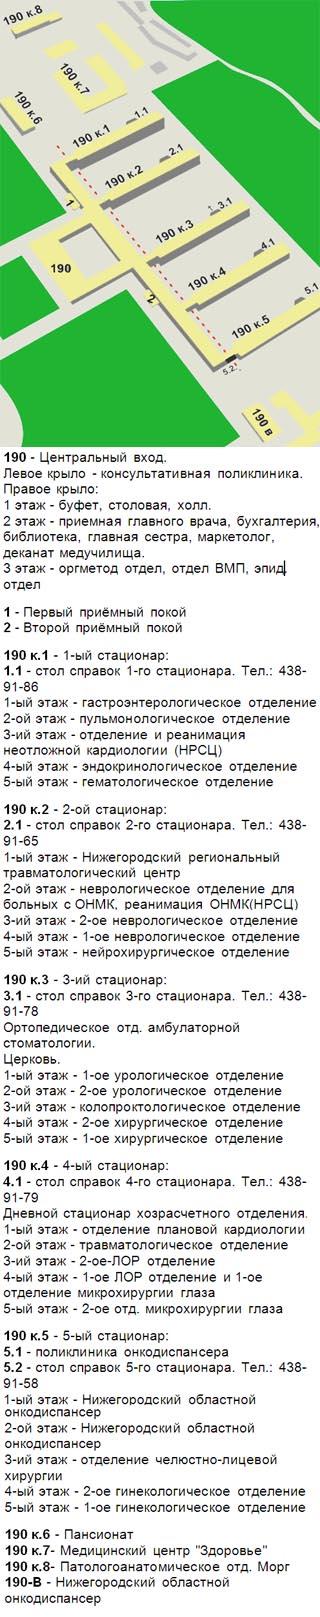 Схема корпусов и отделений областной клинической больницы Нижнего Новгорода